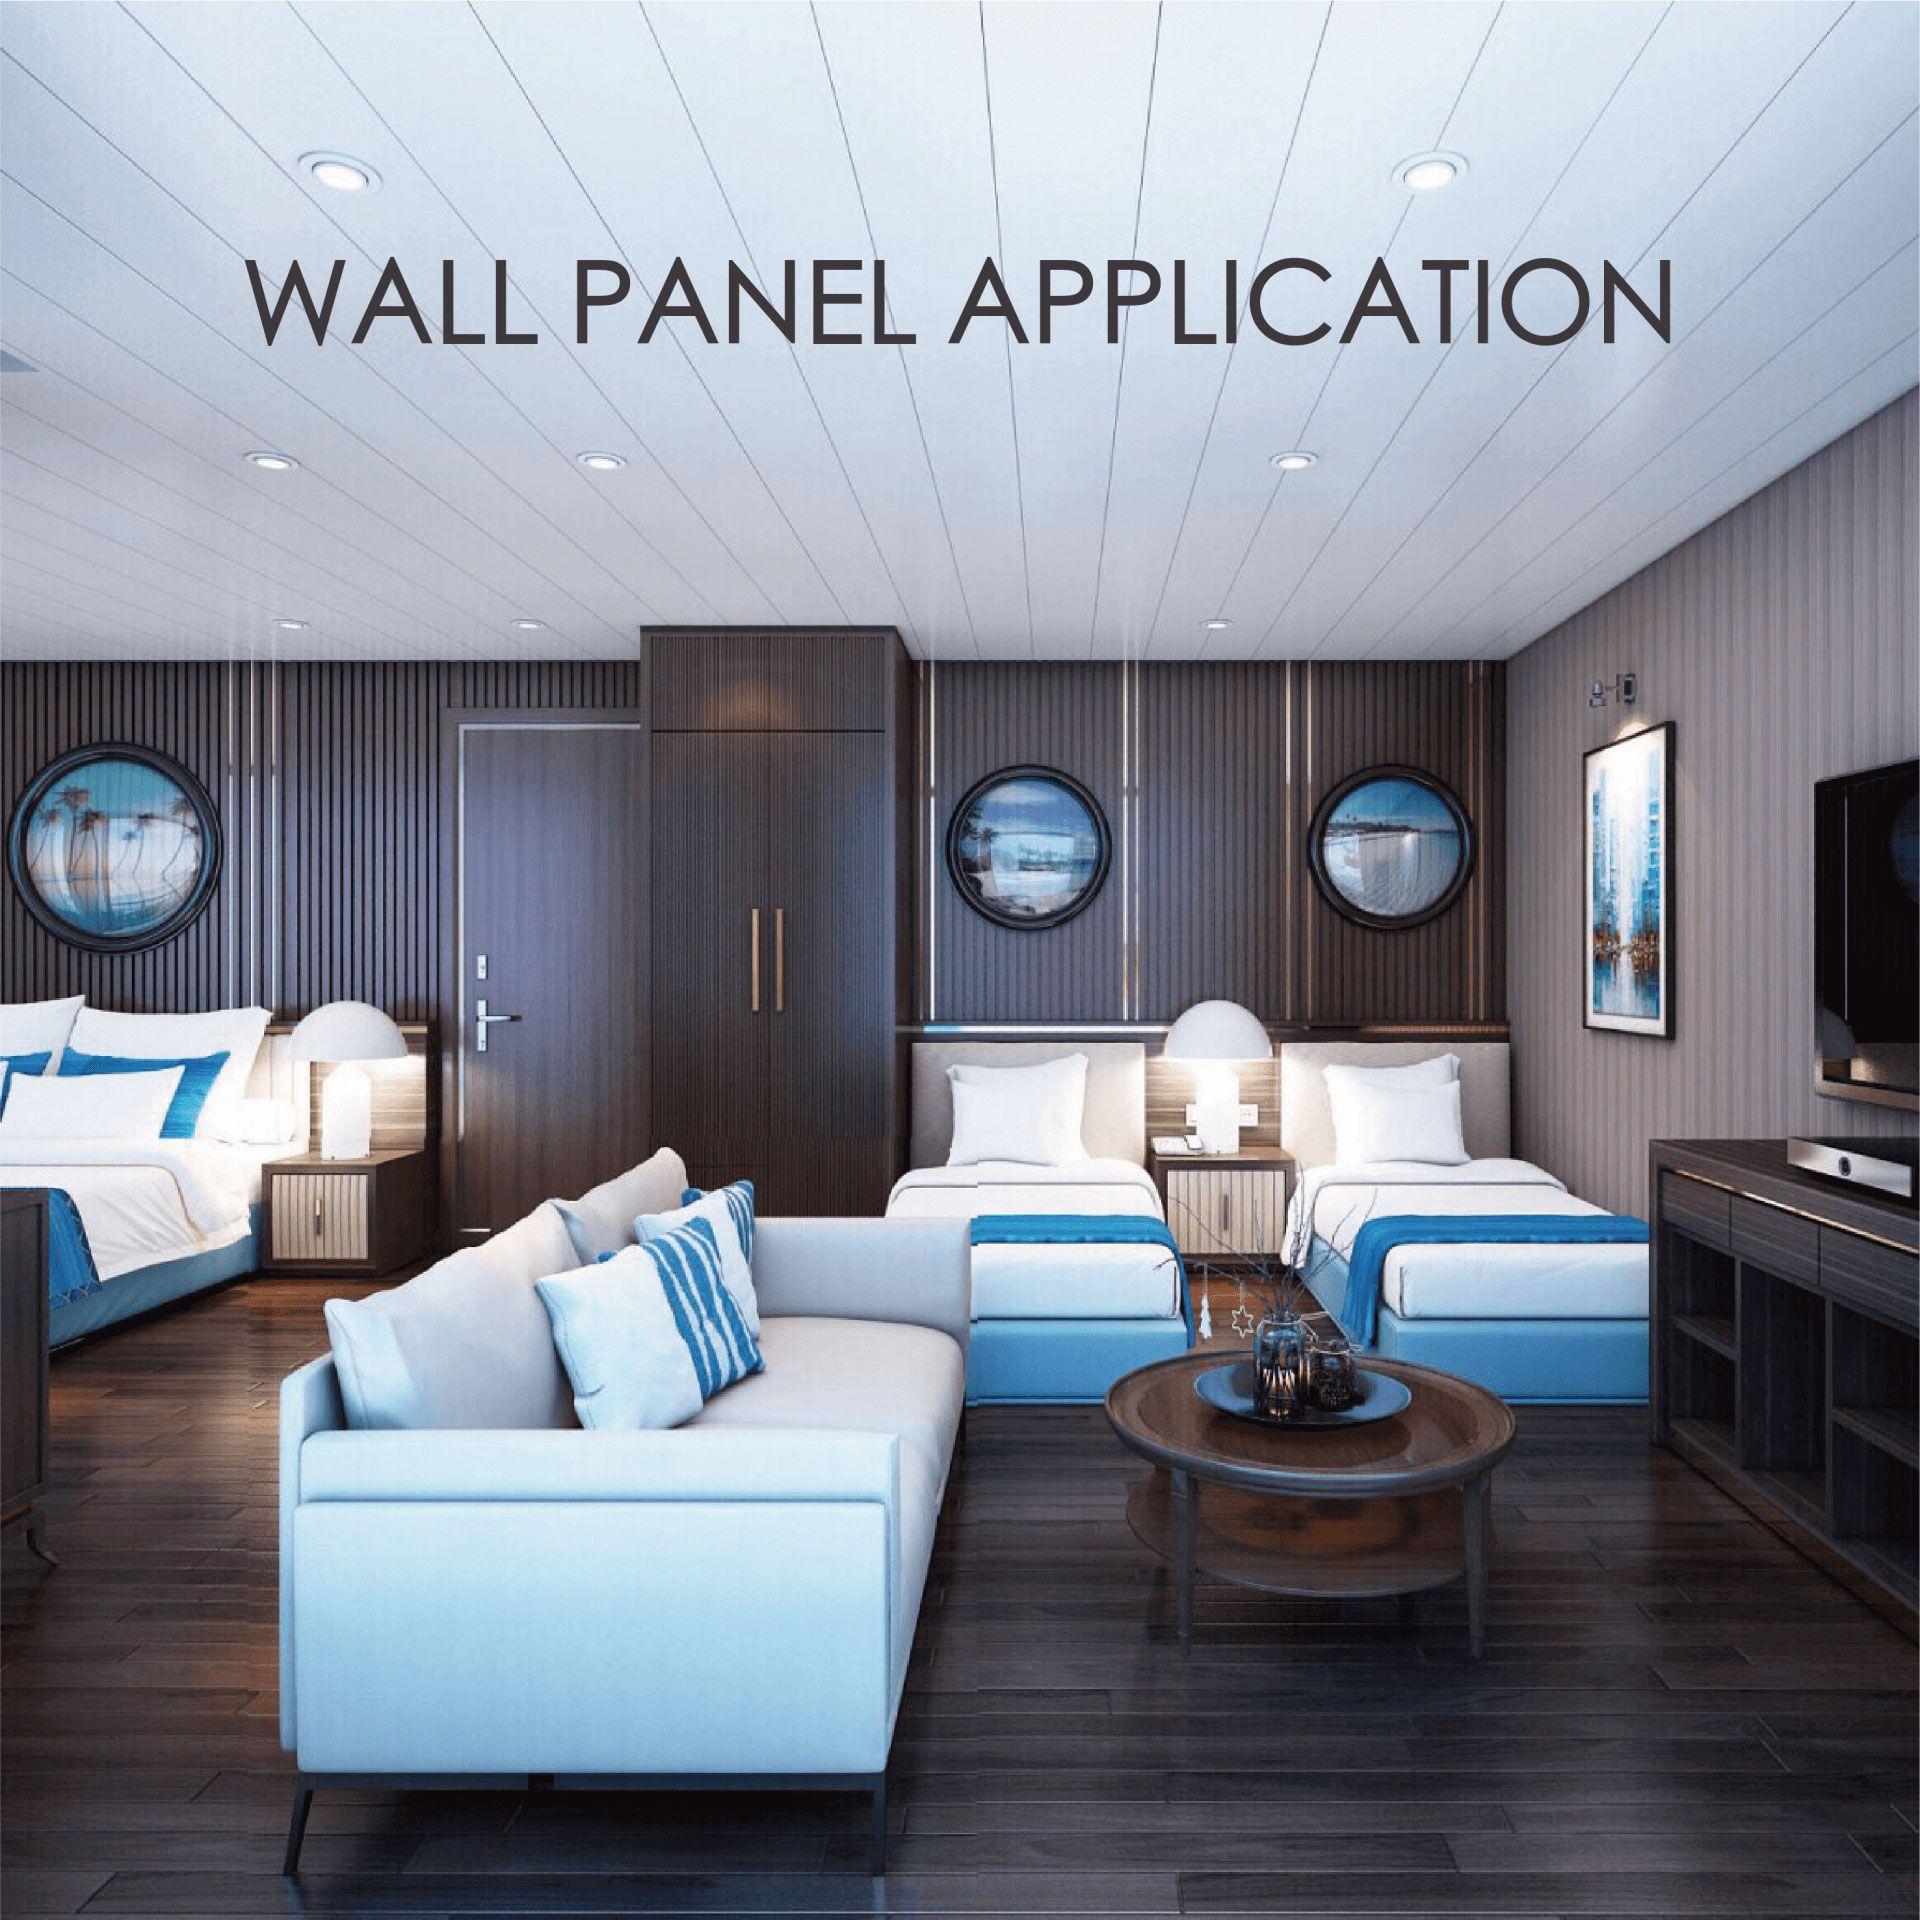 Reemplazar el revestimiento de madera con metal recubierto de madera puede aumentar la decoración y la durabilidad.